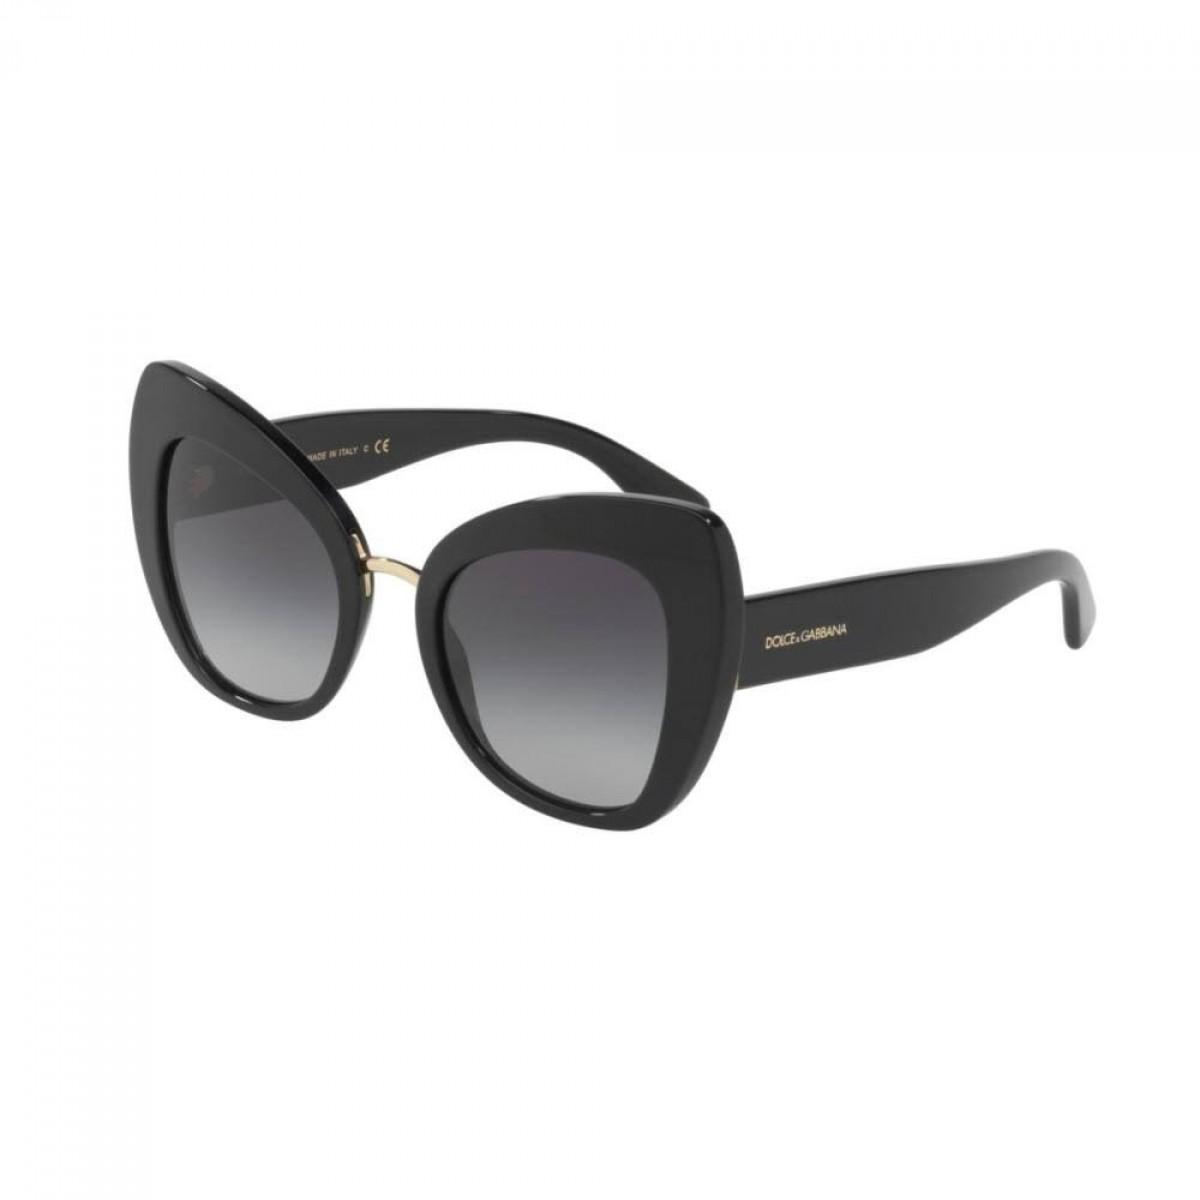 Dolce&Gabbana 4319 501/8G 51, 146,89€, Occhiali Dolce&Gabbana Nero a forma Farfalla